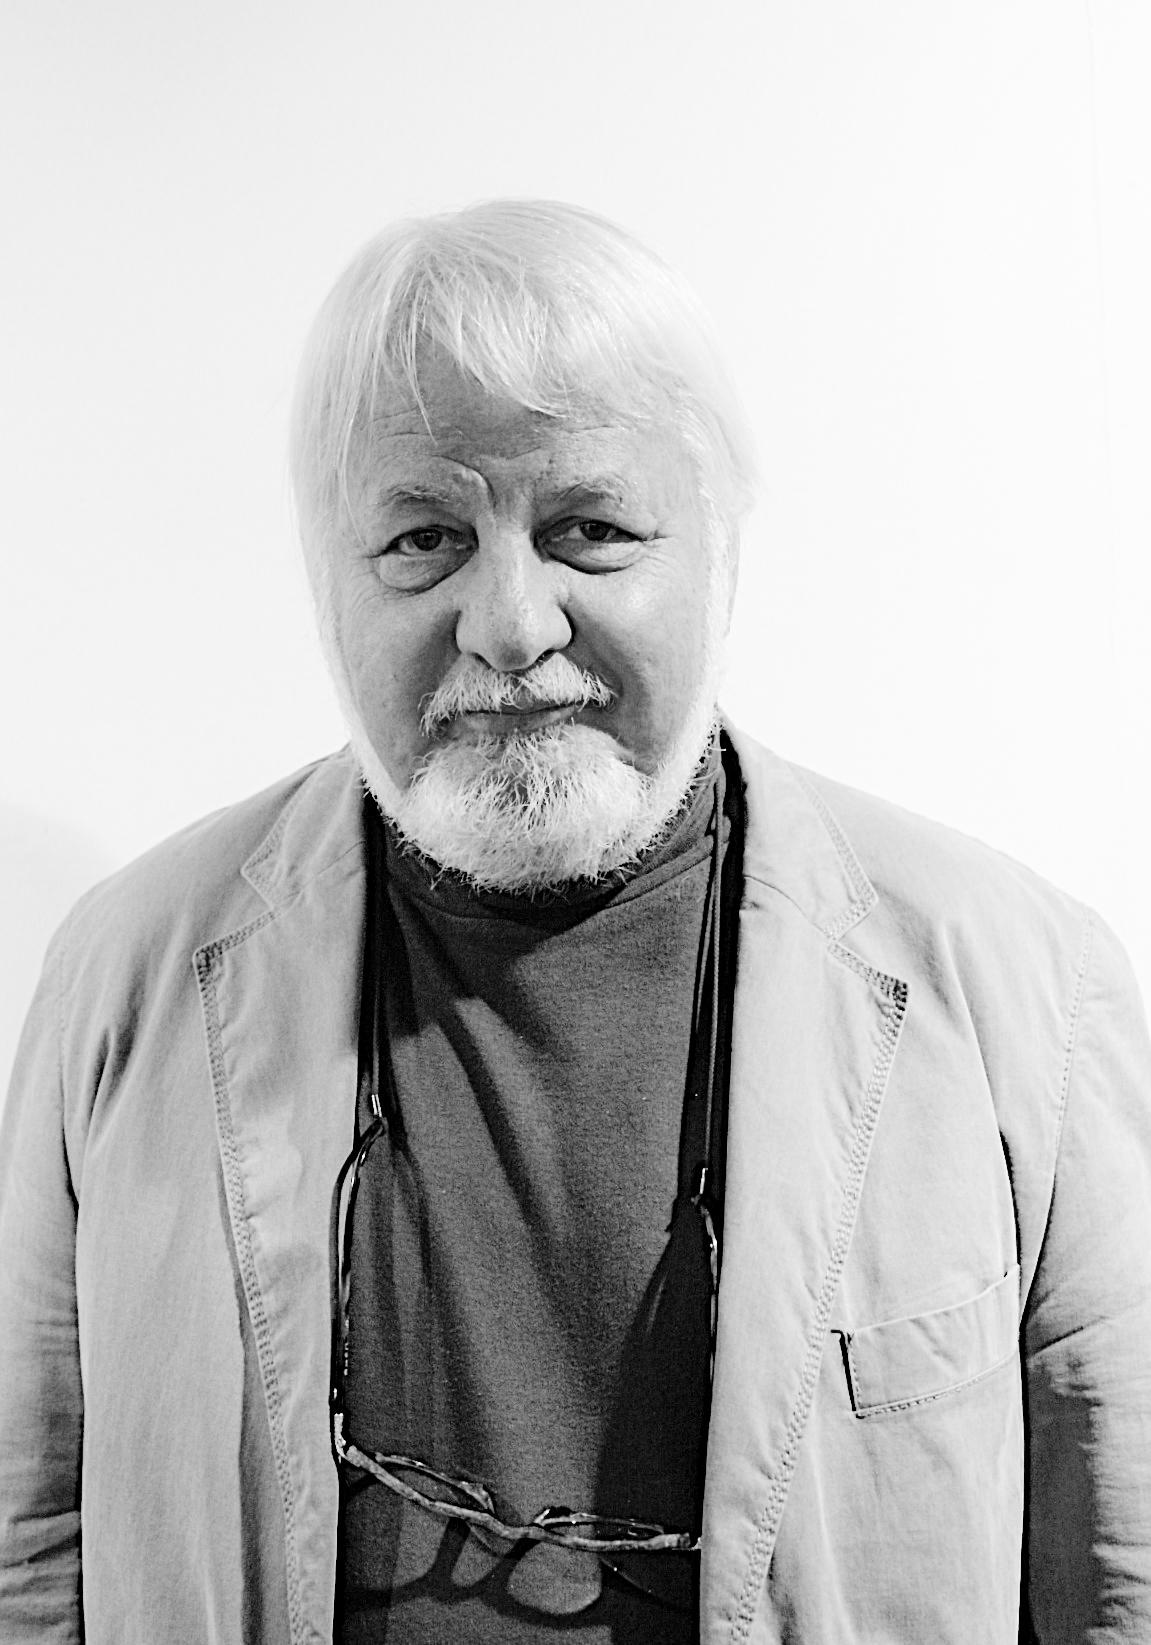 Gunnar Danbolt.ashx